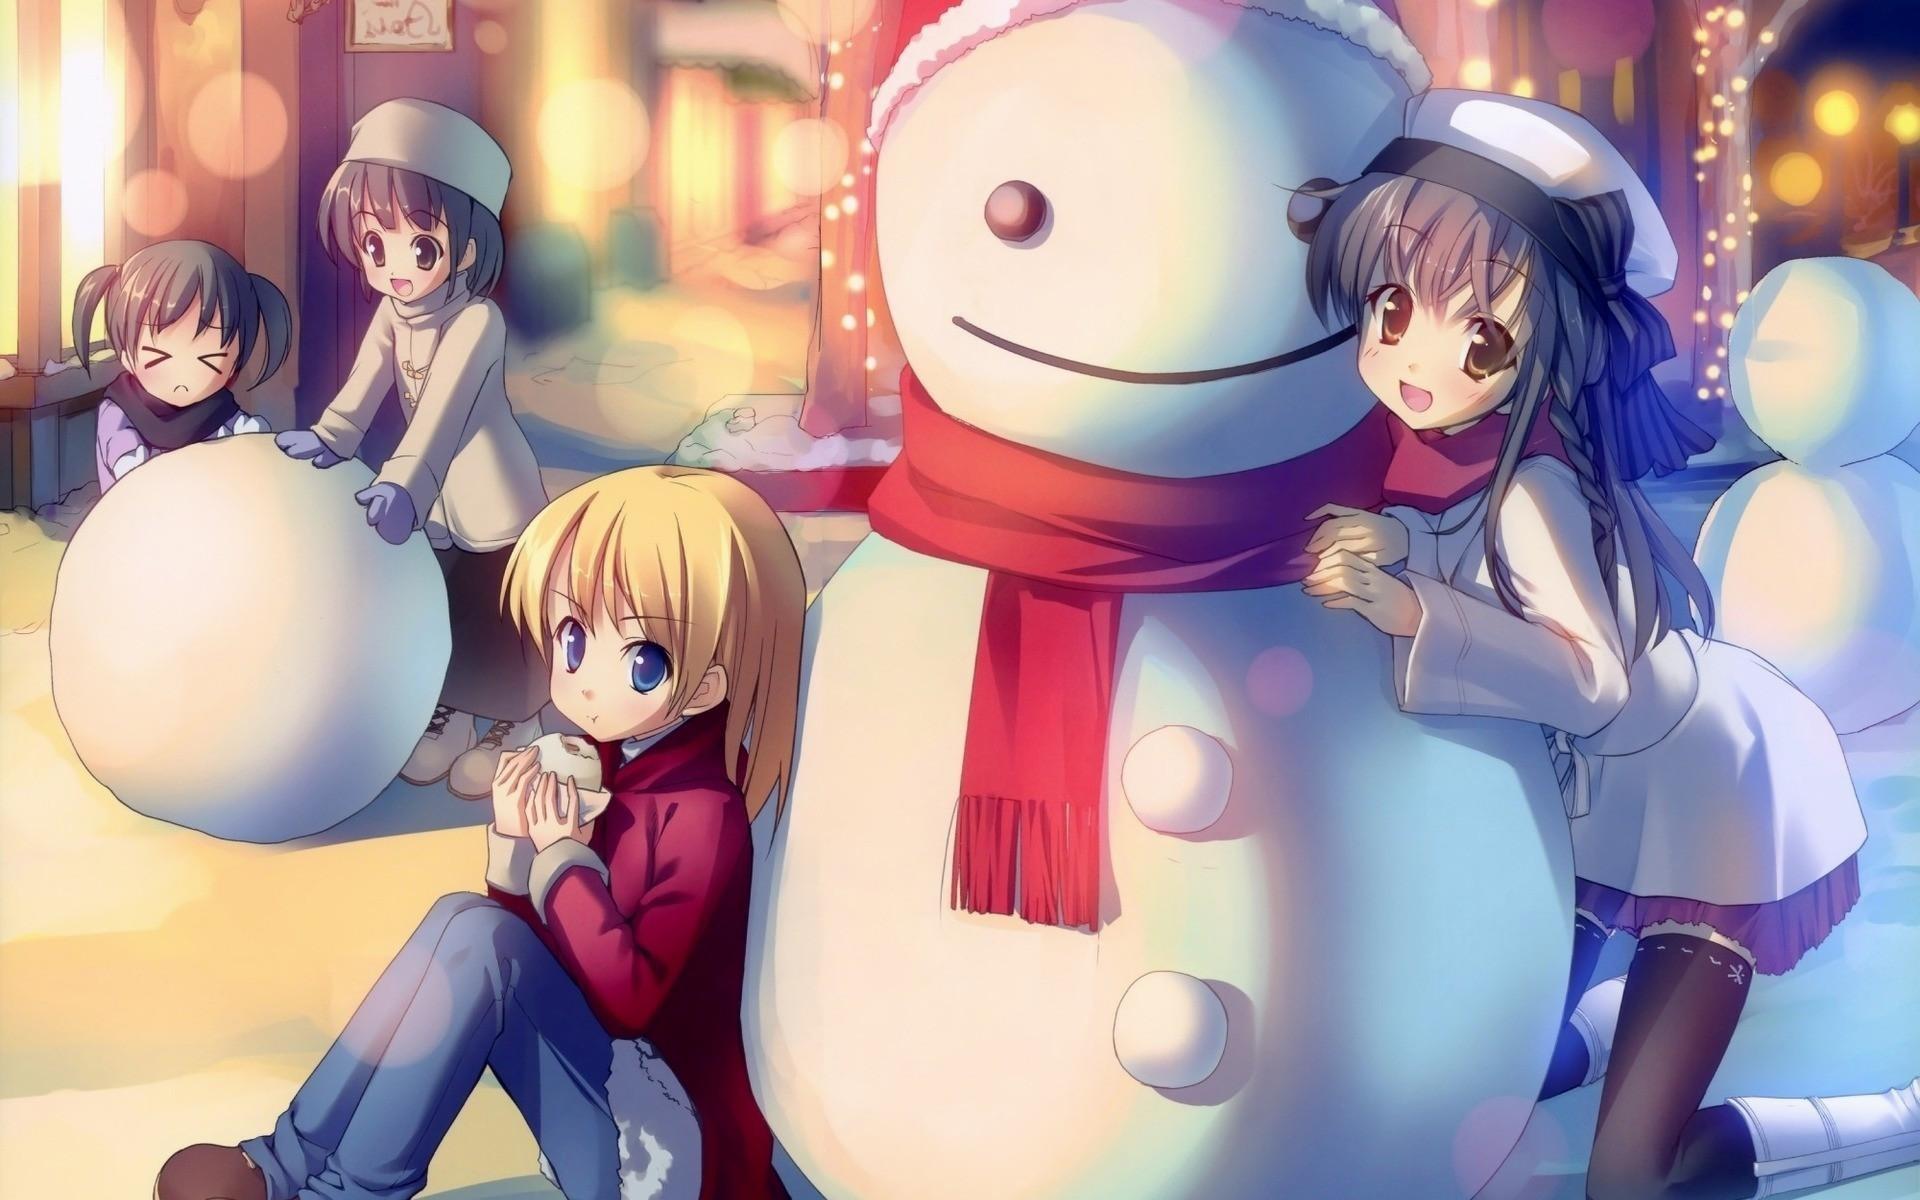 Anime Christmas Wallpaper Hd 70 Images